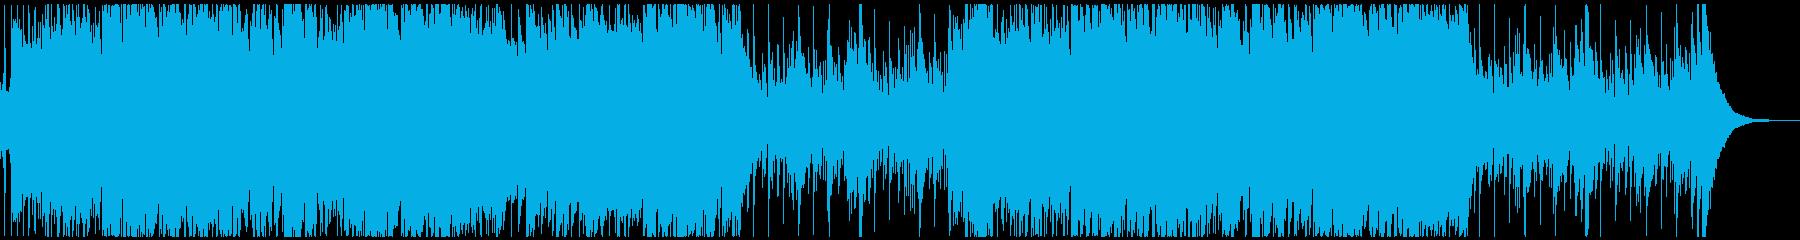 ハンドパンメインの激しいBGMの再生済みの波形